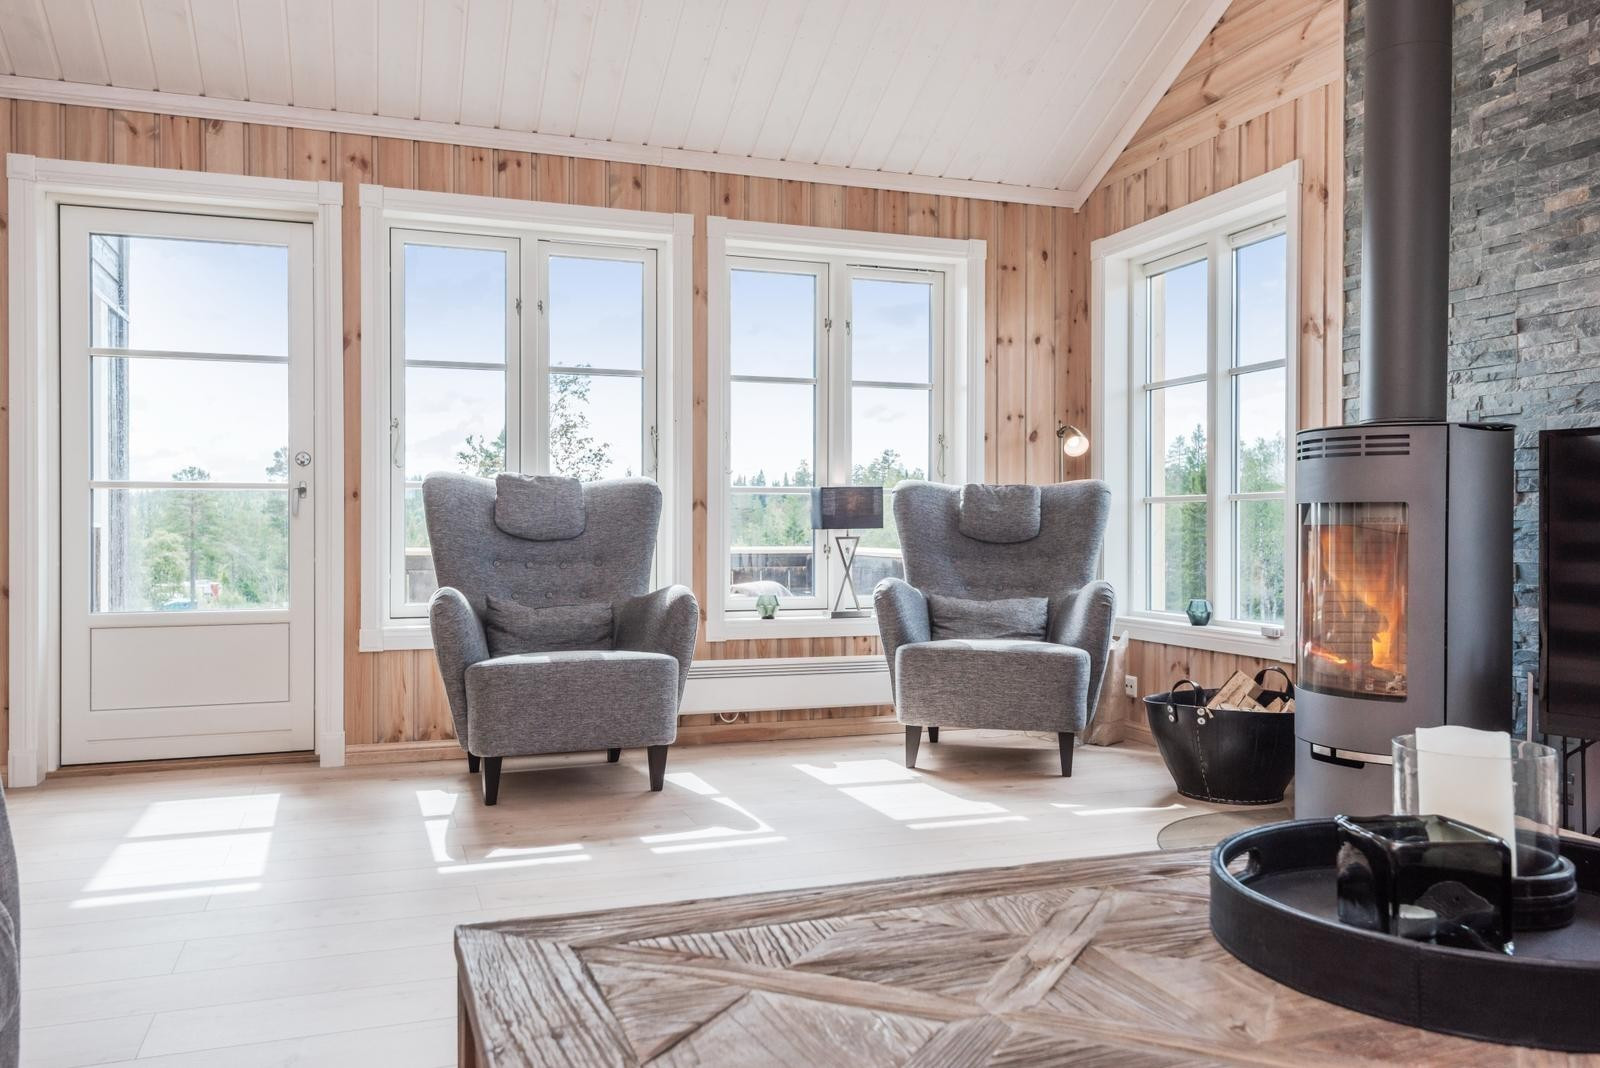 Stuen- Fra en tilsvarende hytte med kundetilpasninger og tilvalg